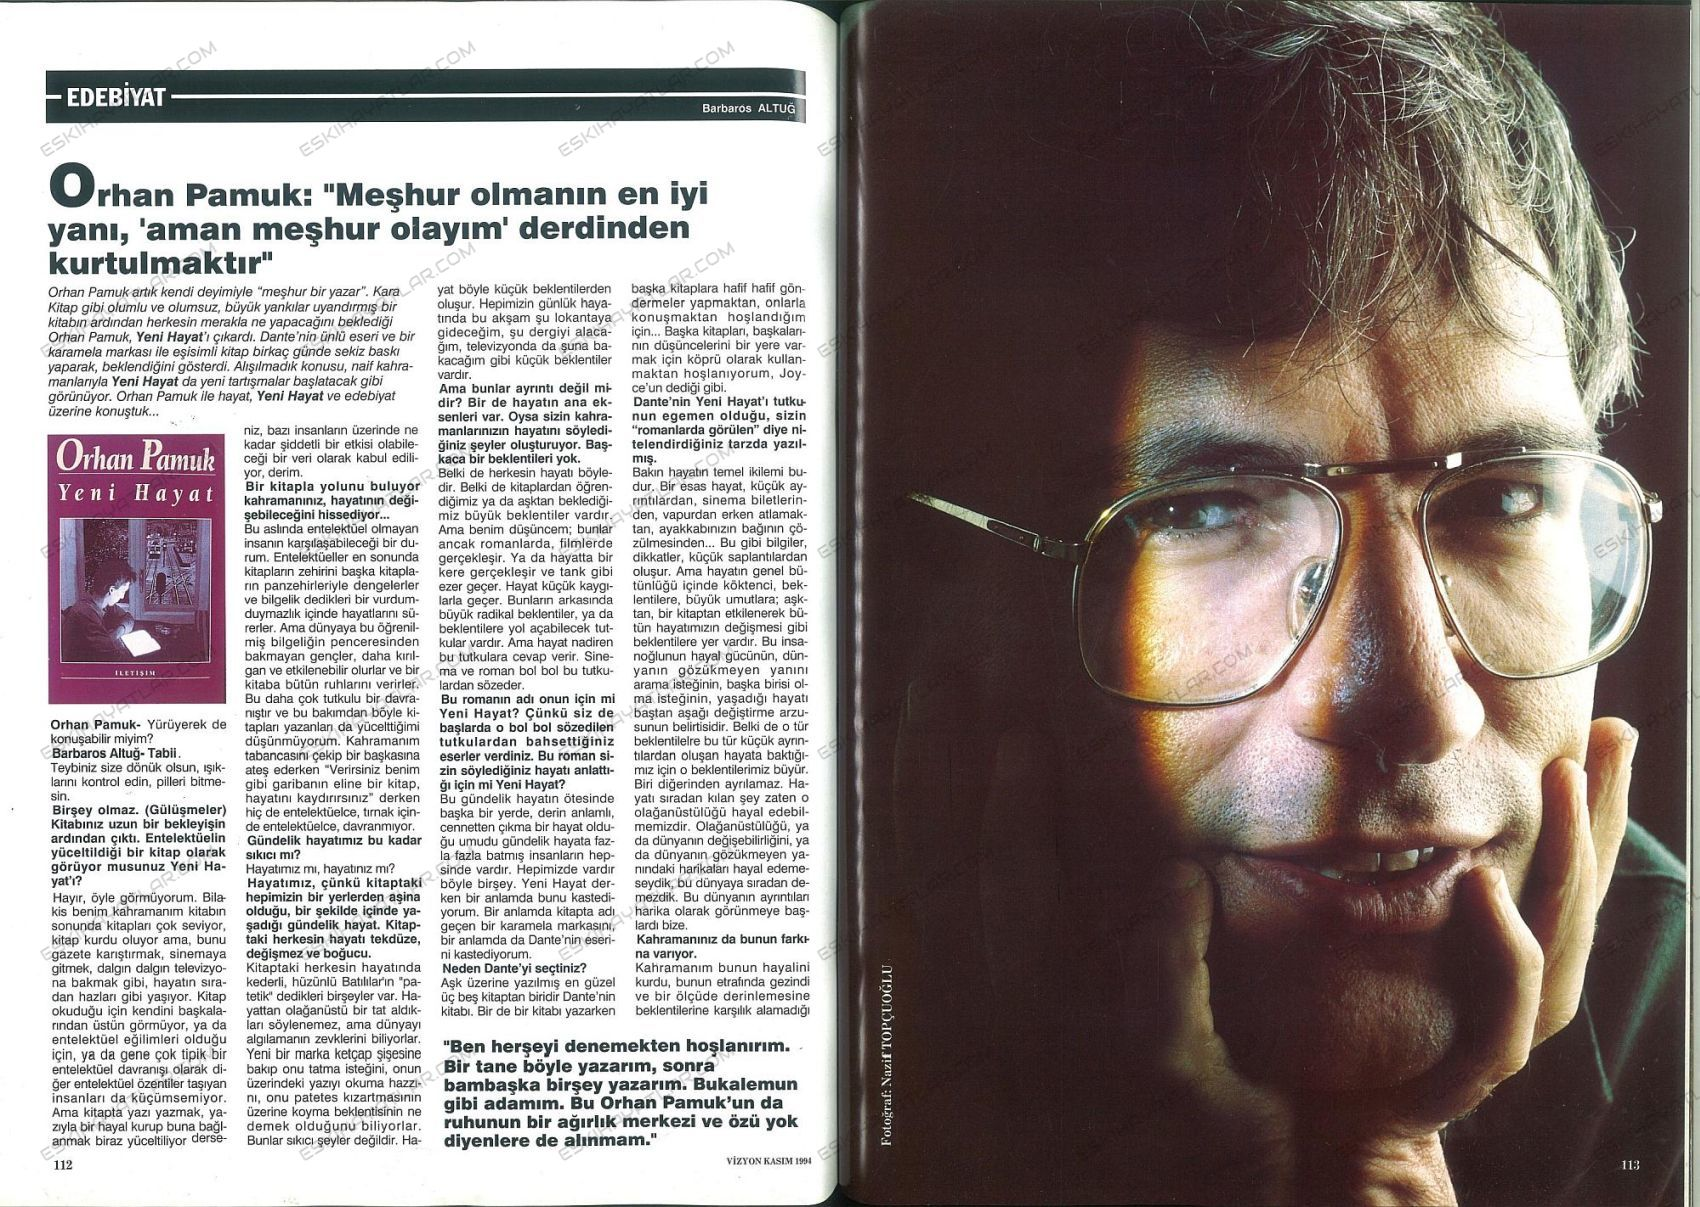 0211-orhan-pamuk-yeni-hayat-ilk-baskisi-1994-vizyon-dergisi (6)